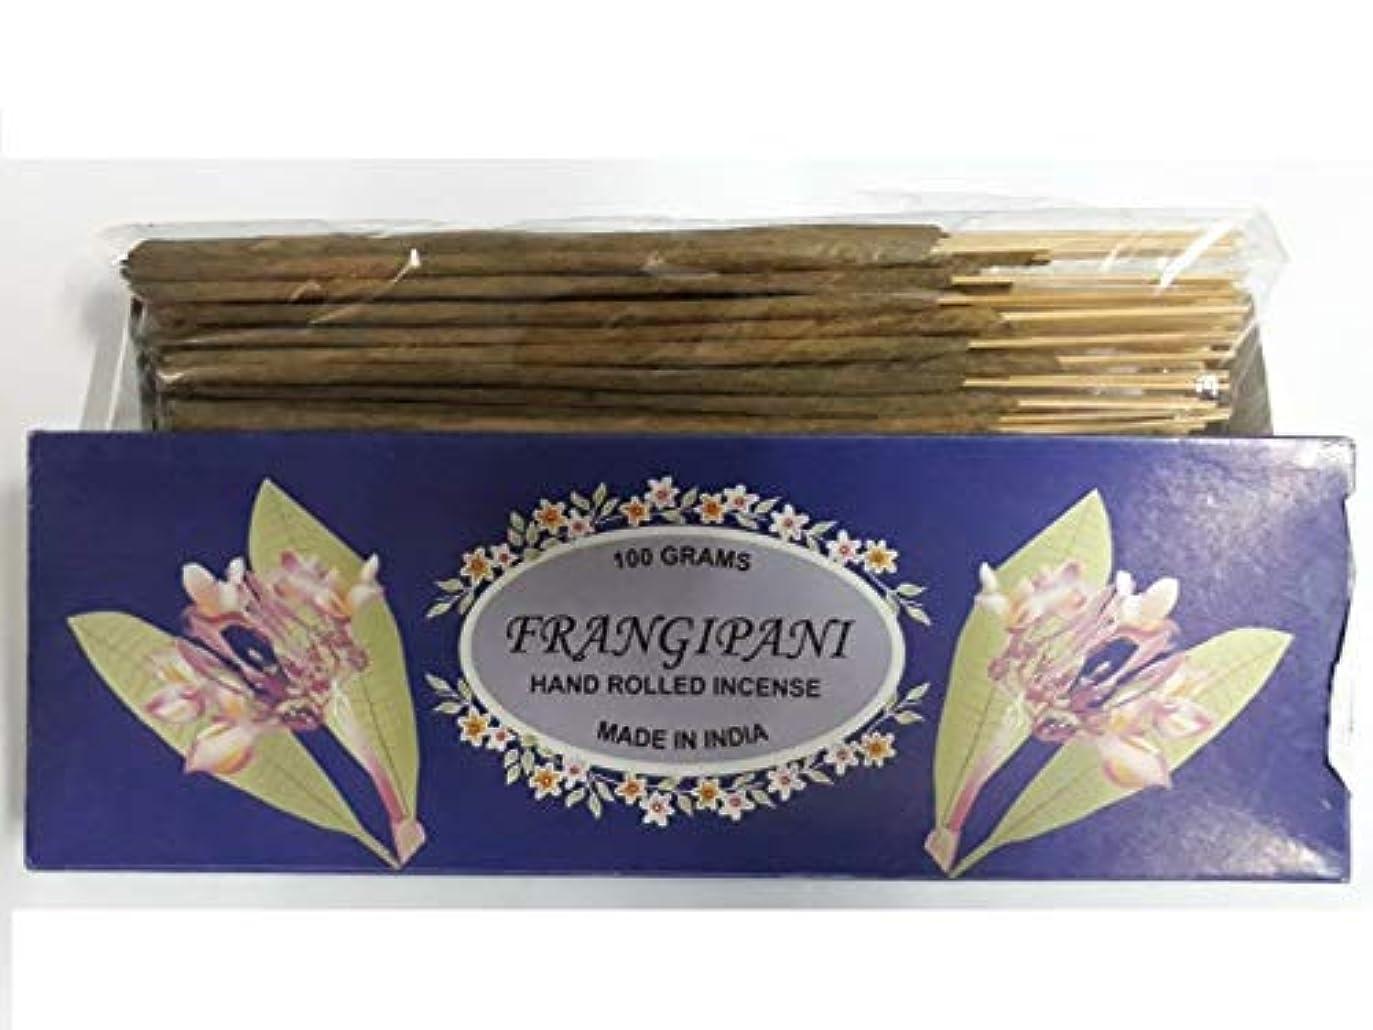 材料献身治安判事Frangipani フランジパニ Agarbatti Incense Sticks 線香 100 grams Hand Rolled Incense